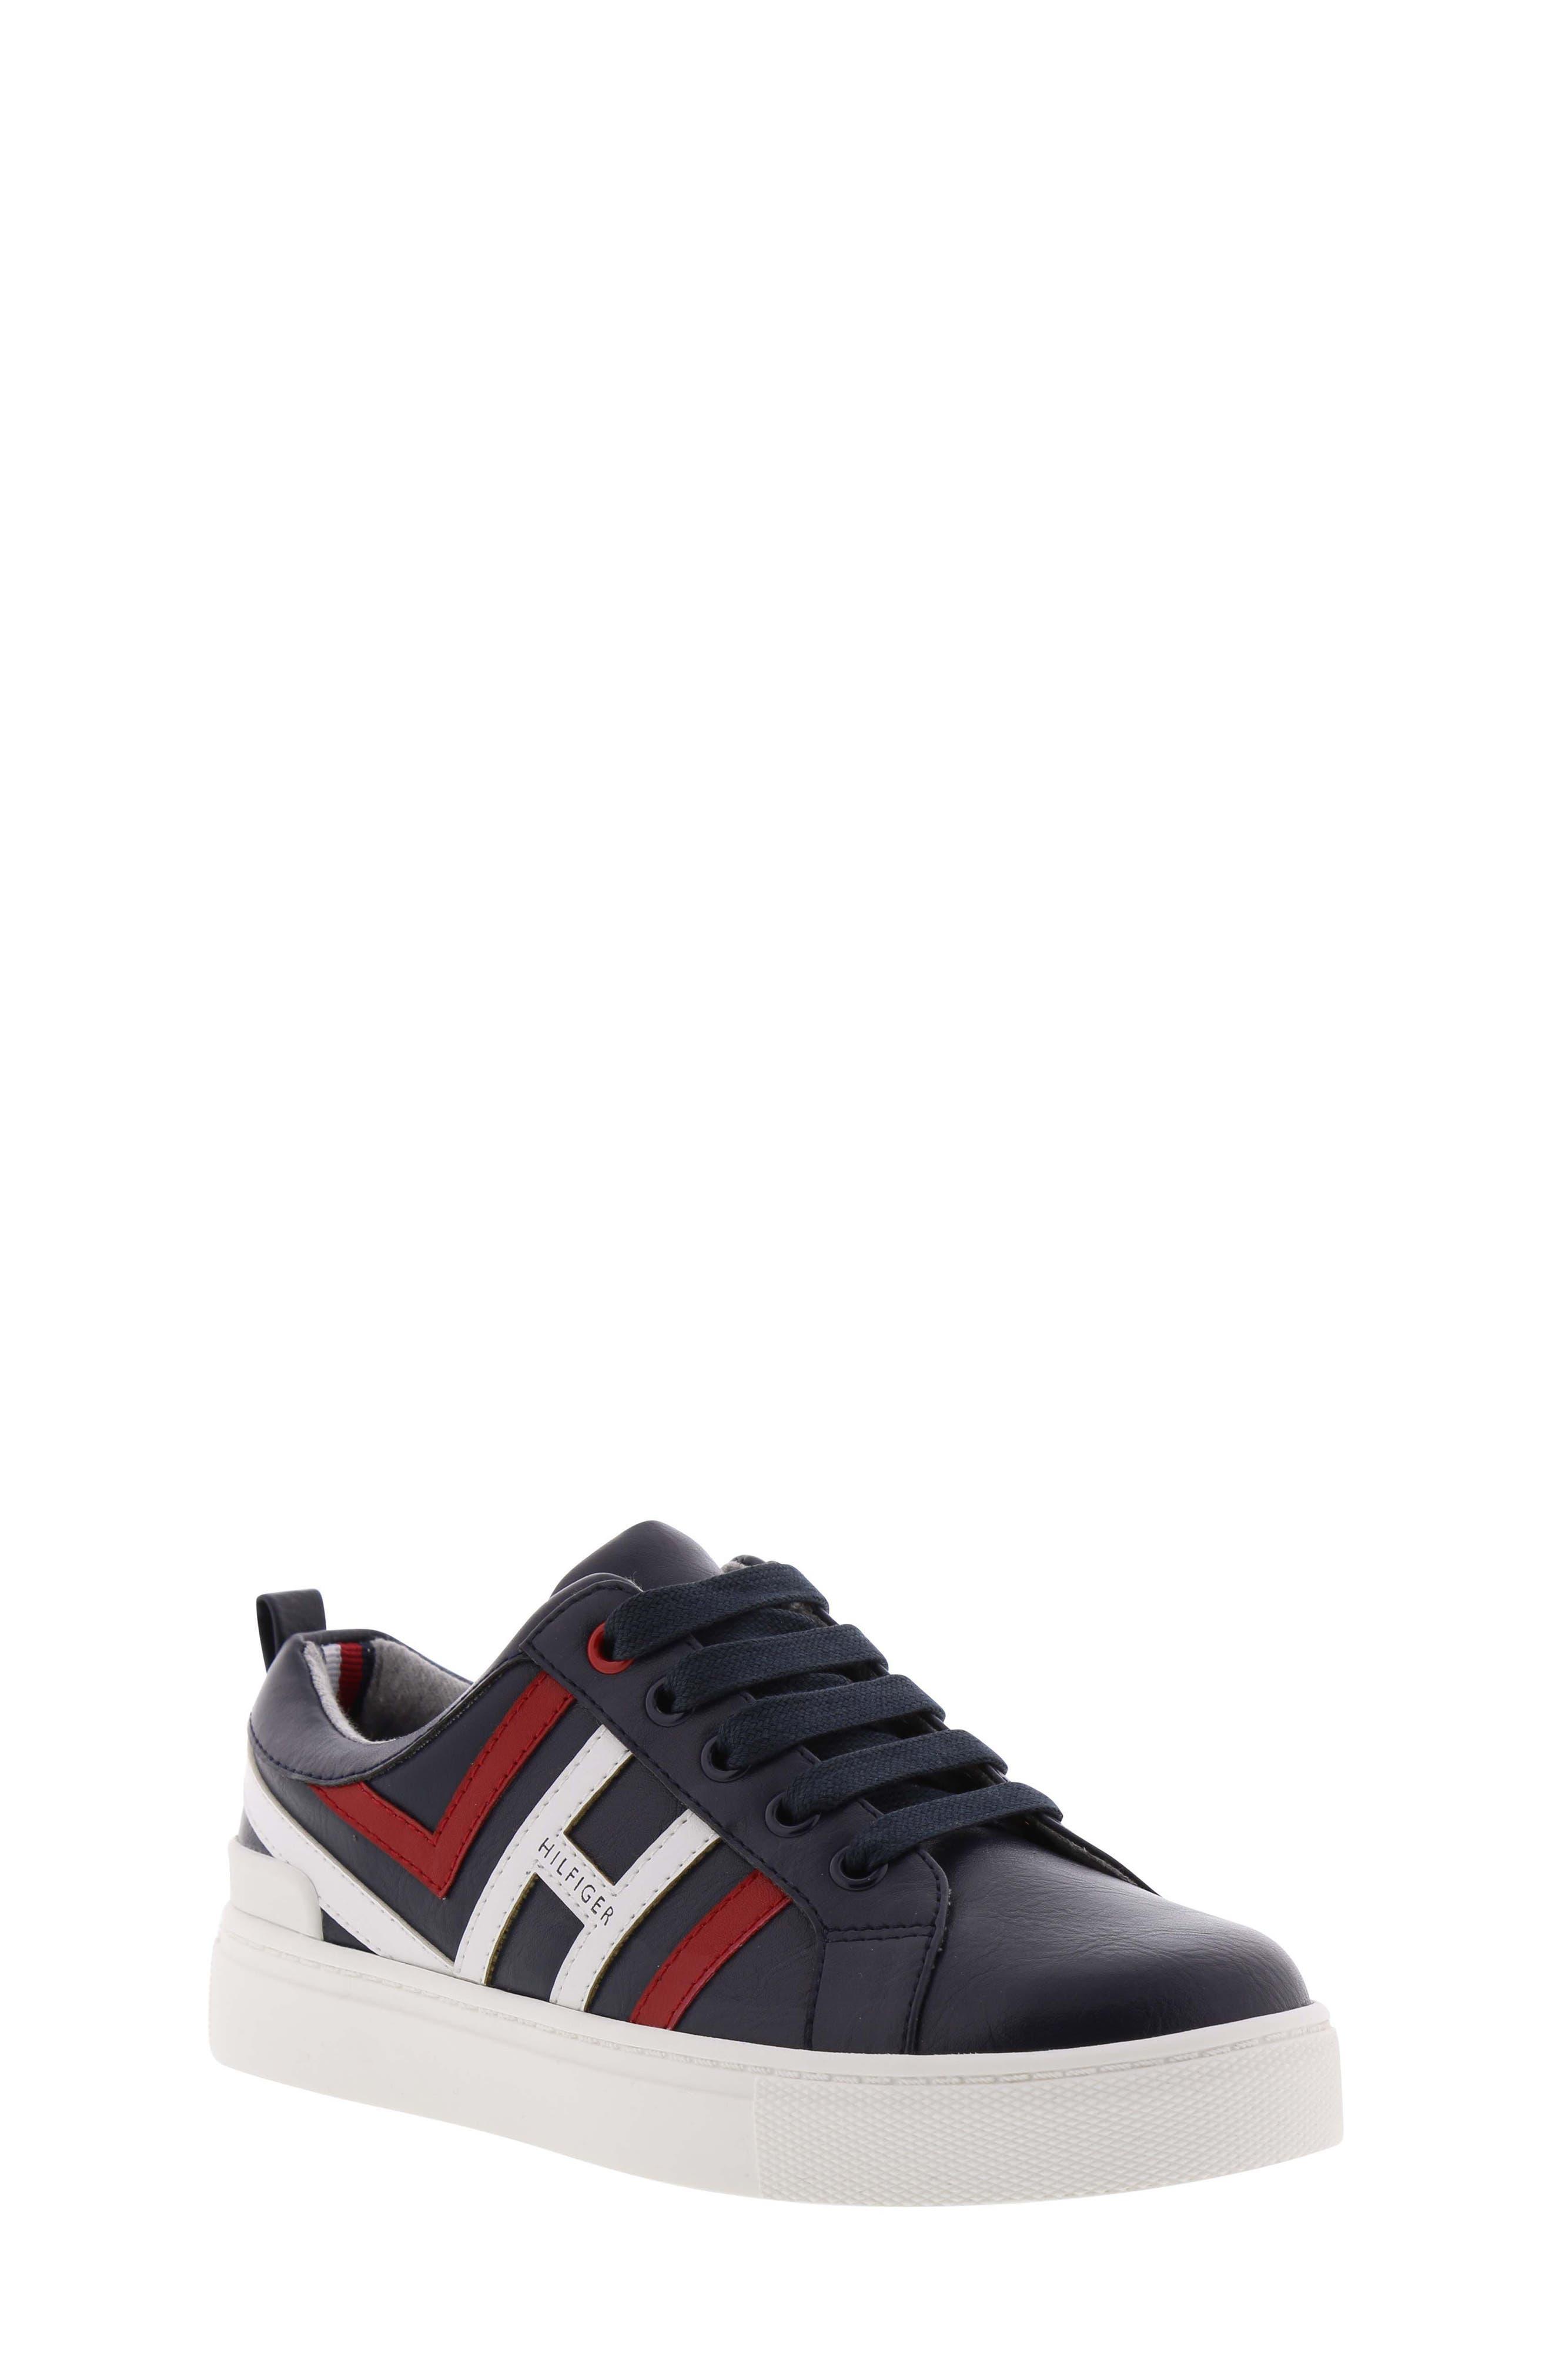 Reece Jacob Sneaker,                         Main,                         color, PEACOAT MULTI